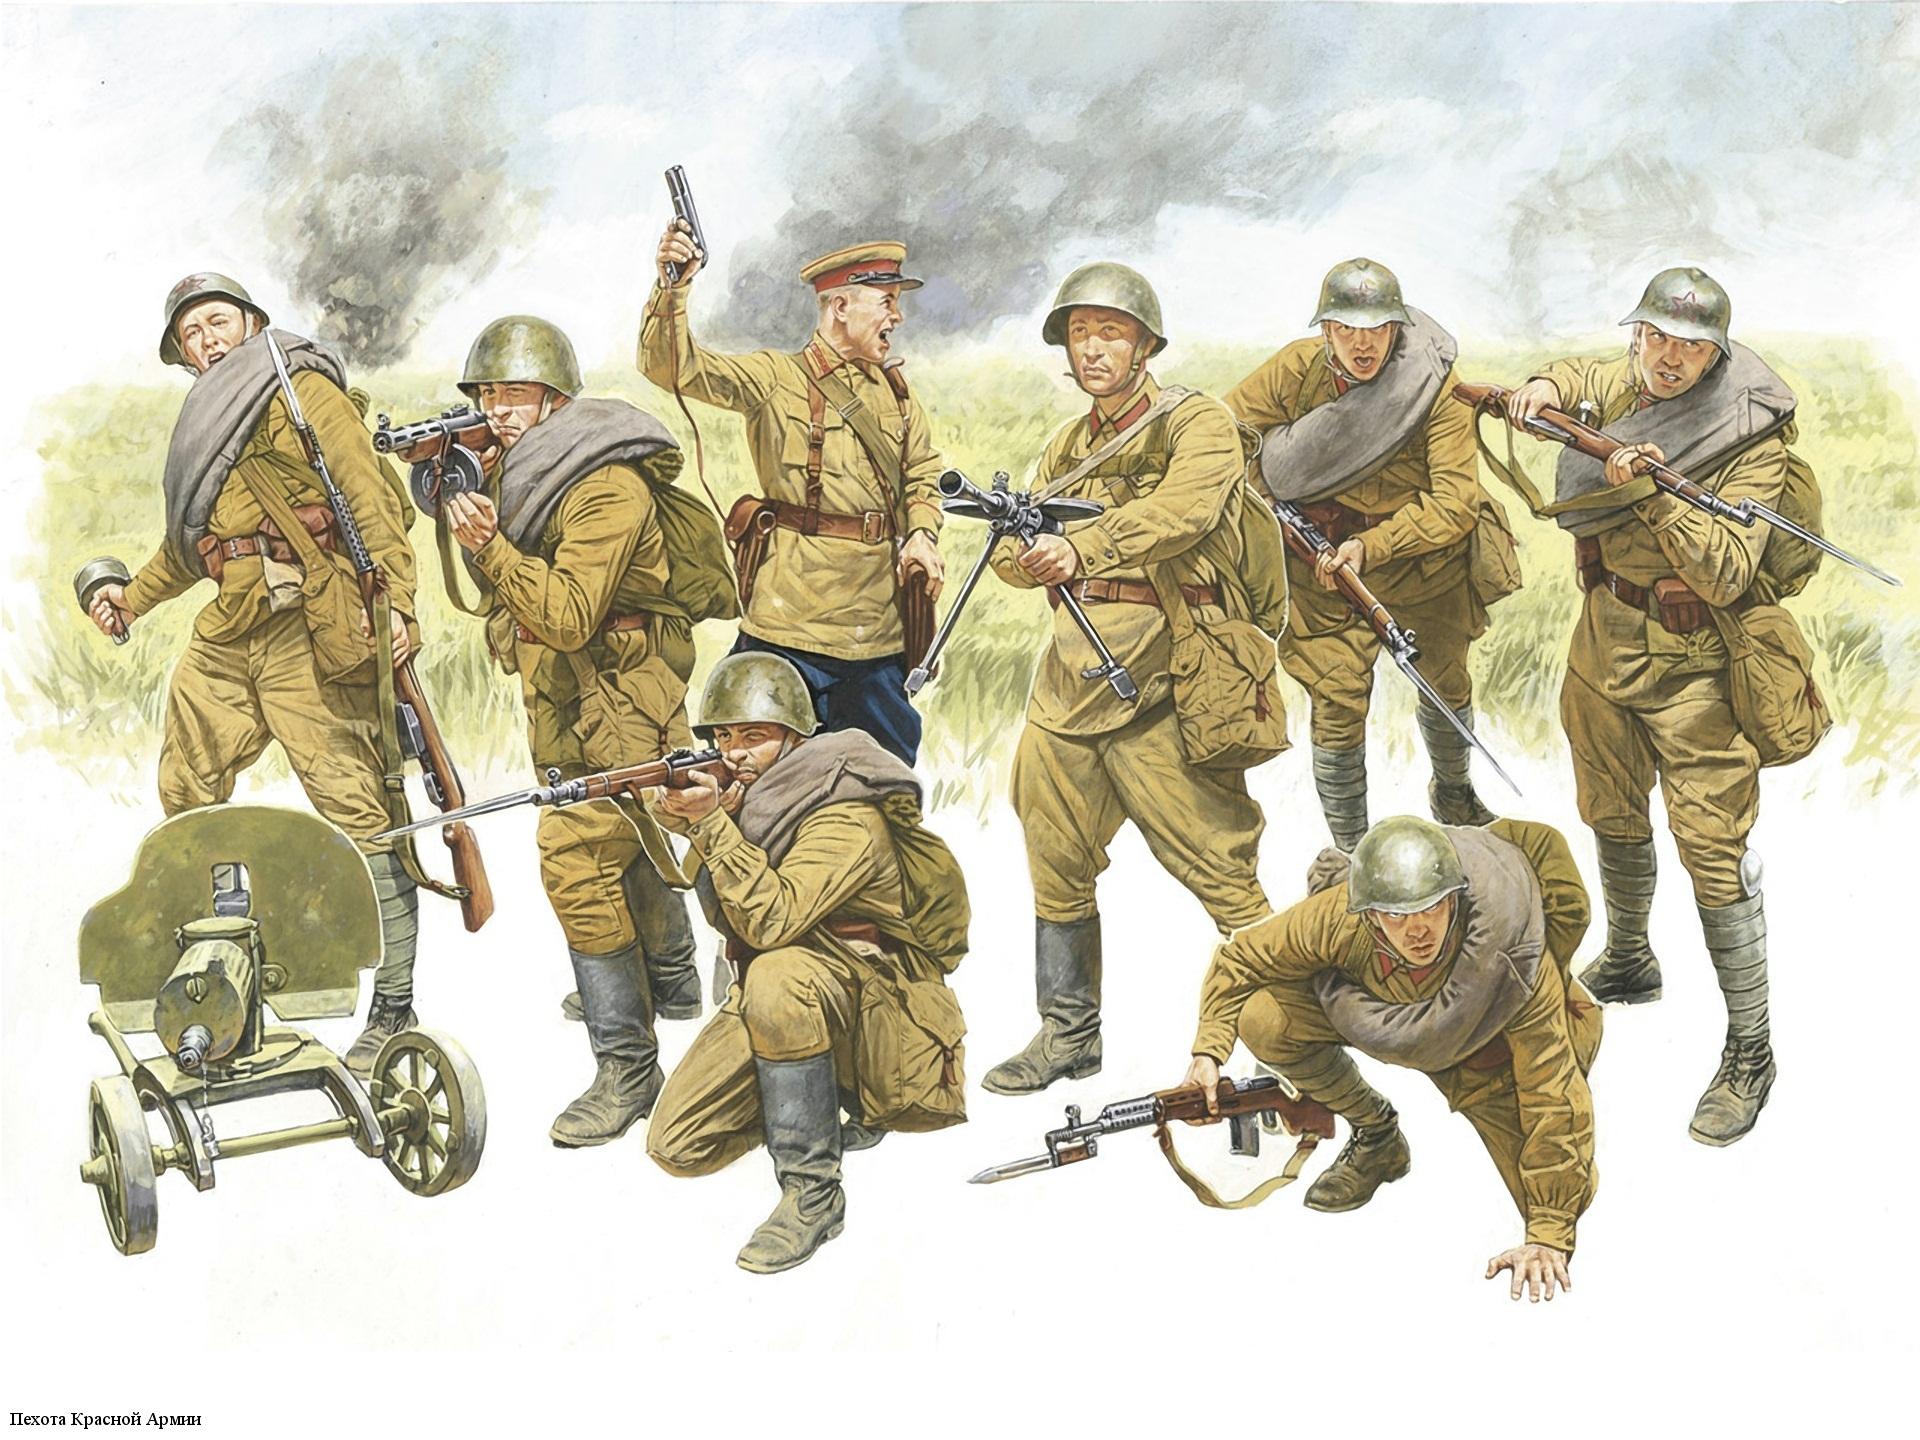 ERRORES COMUNES EN LA RECREACIÓN DE SOVIÉTICOS WW2